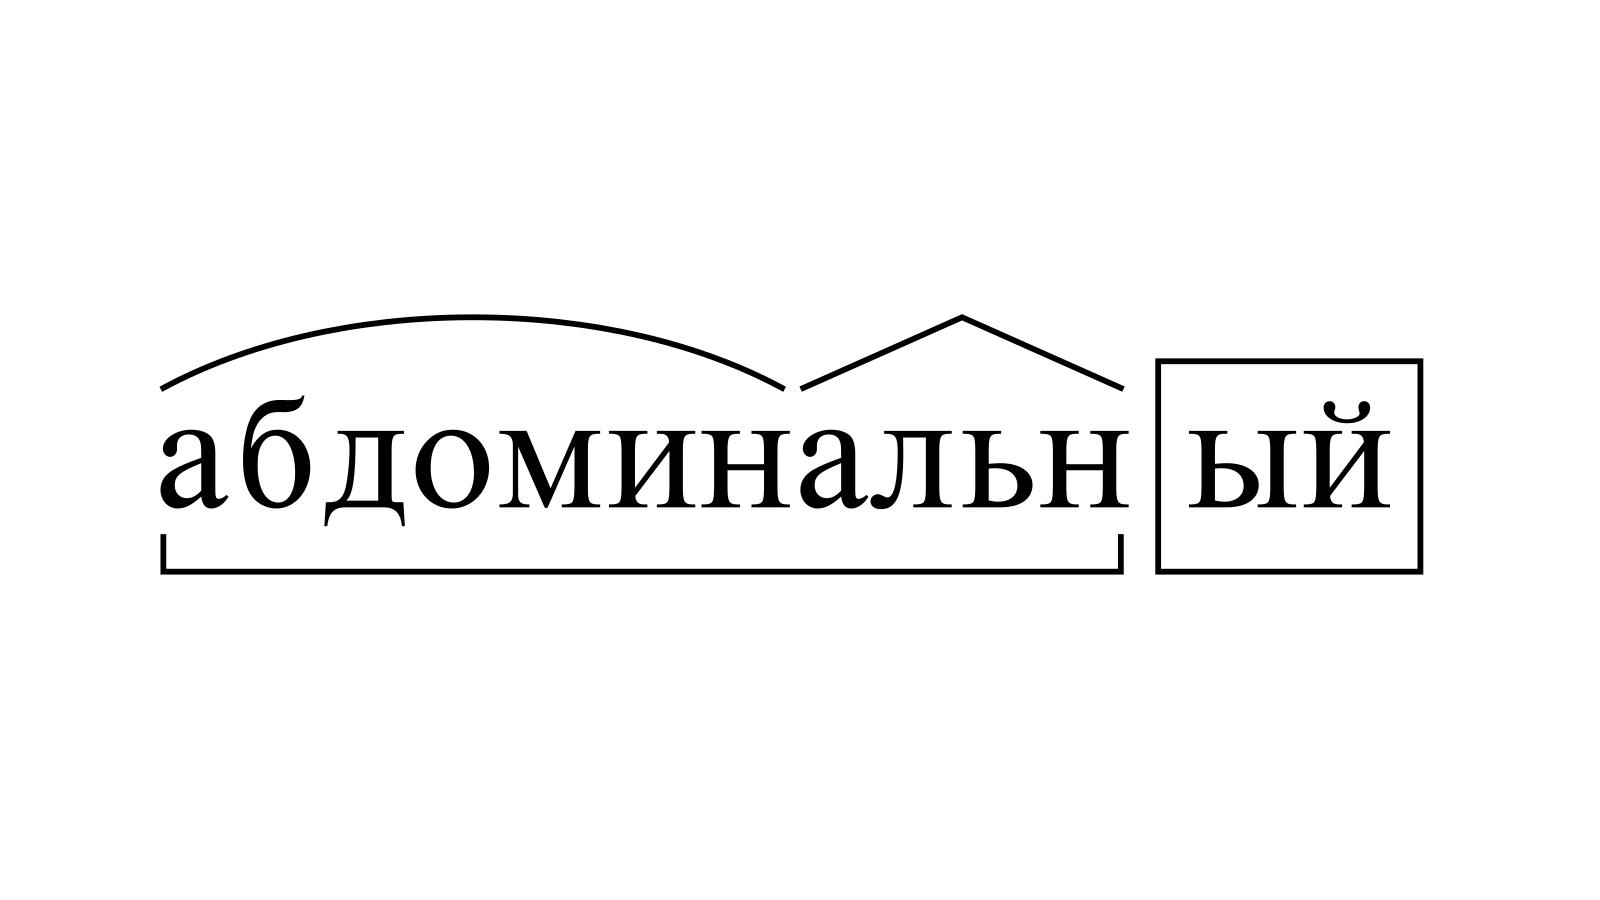 Разбор слова «абдоминальный» по составу